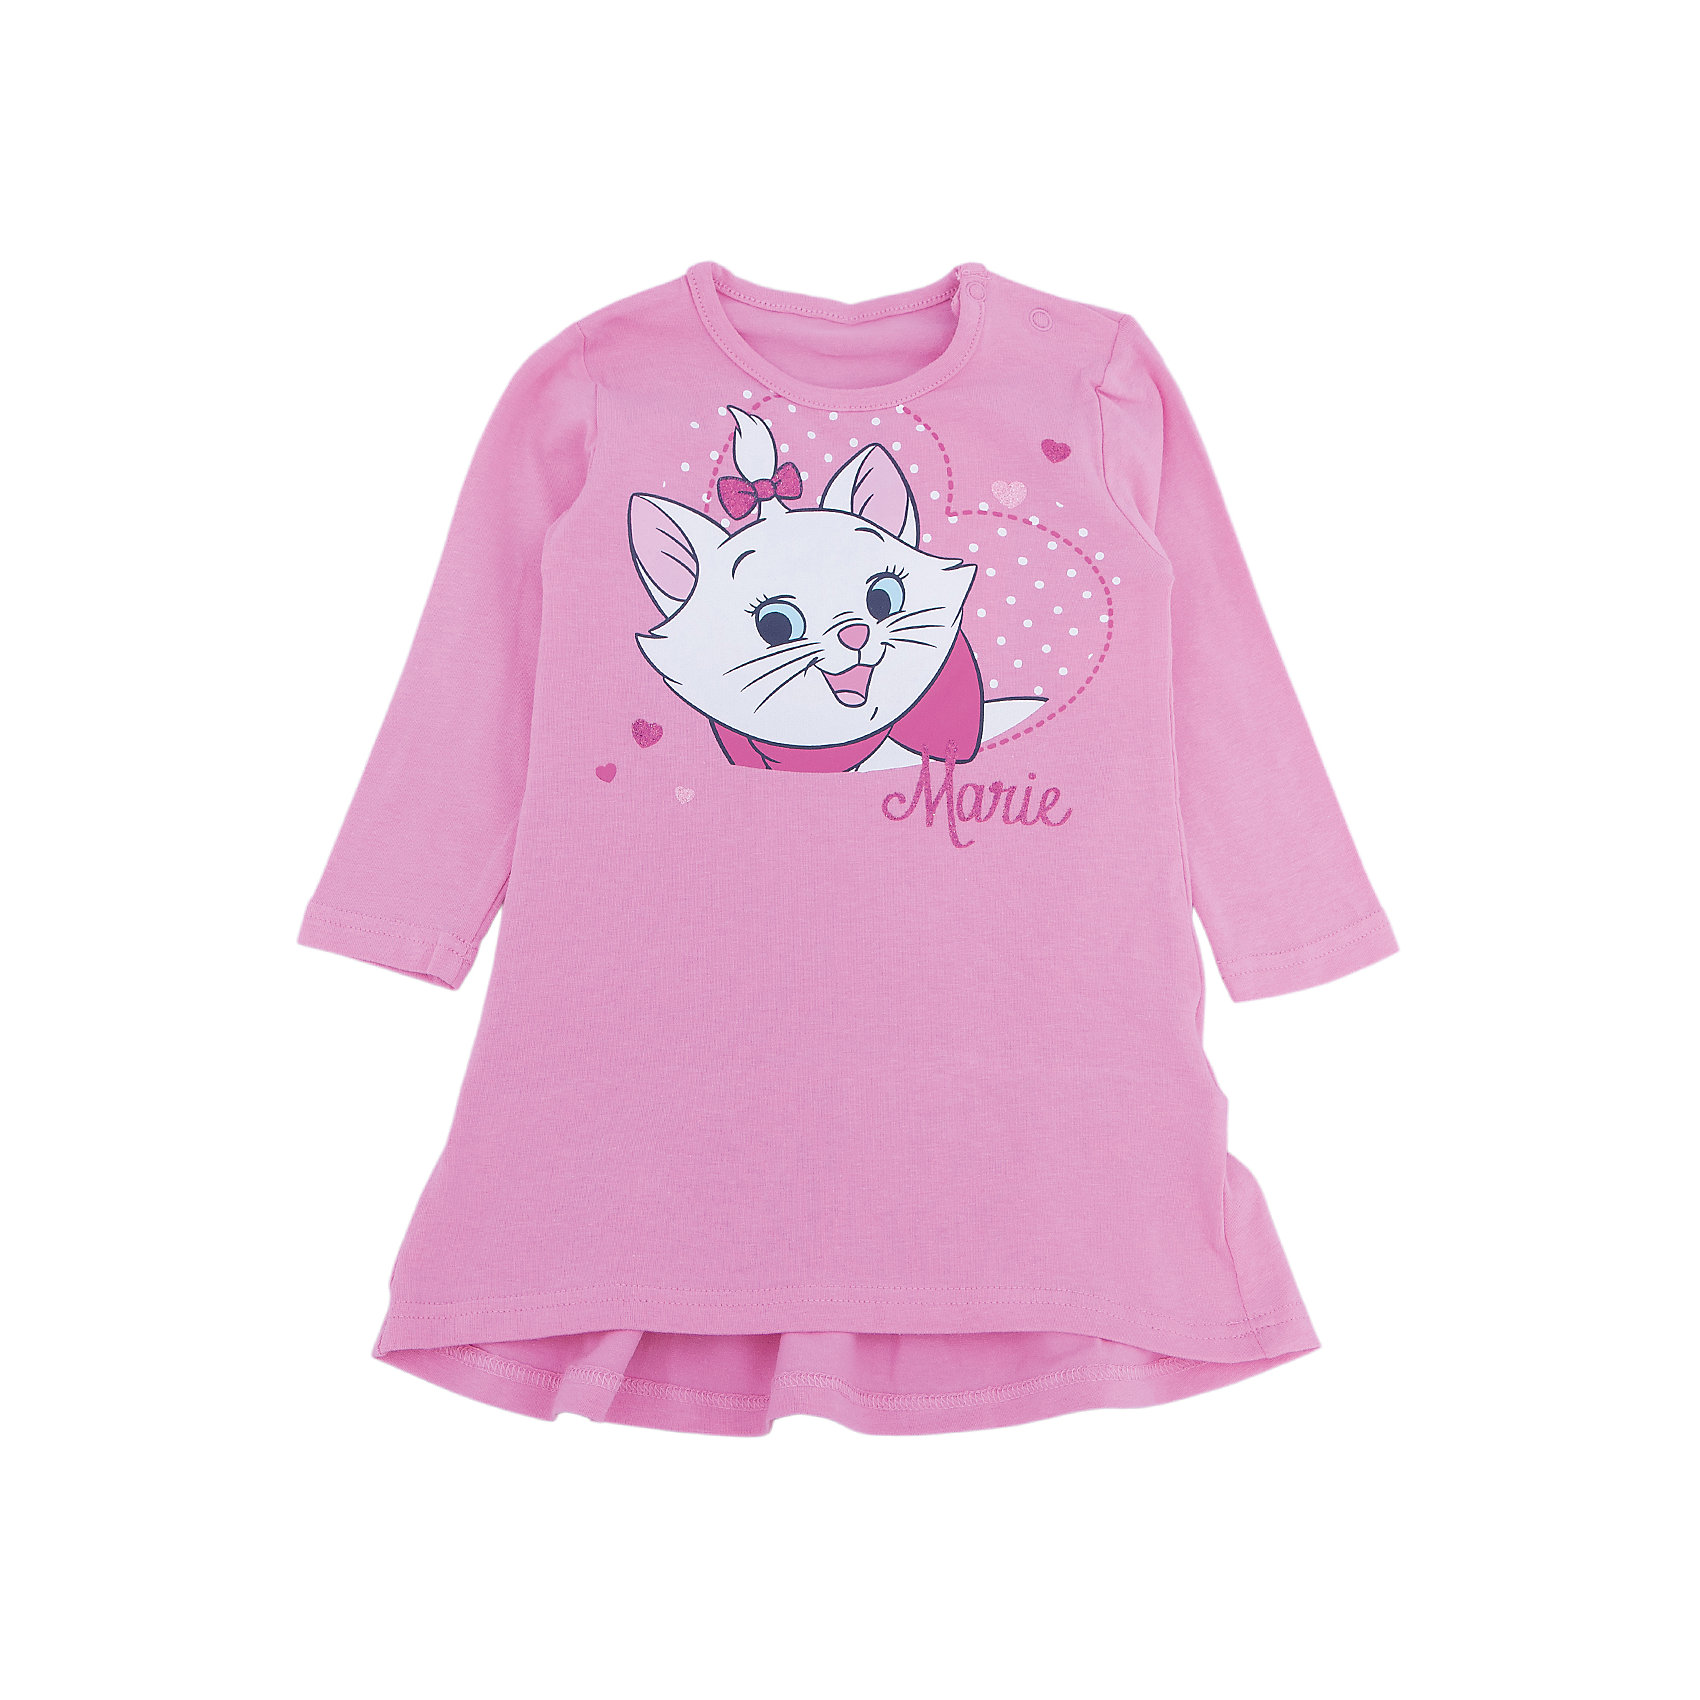 Платье для девочки PlayTodayПлатье для девочки от известного бренда PlayToday.<br>Уютное трикотажное платье с длинными рукавами. Украшено нежным принтом с кошечкой Мари. Застегивается на кнопки на плече.<br>Состав:<br>95% хлопок, 5% эластан<br><br>Ширина мм: 157<br>Глубина мм: 13<br>Высота мм: 119<br>Вес г: 200<br>Цвет: розовый<br>Возраст от месяцев: 6<br>Возраст до месяцев: 9<br>Пол: Женский<br>Возраст: Детский<br>Размер: 74,86,80,92<br>SKU: 4900865